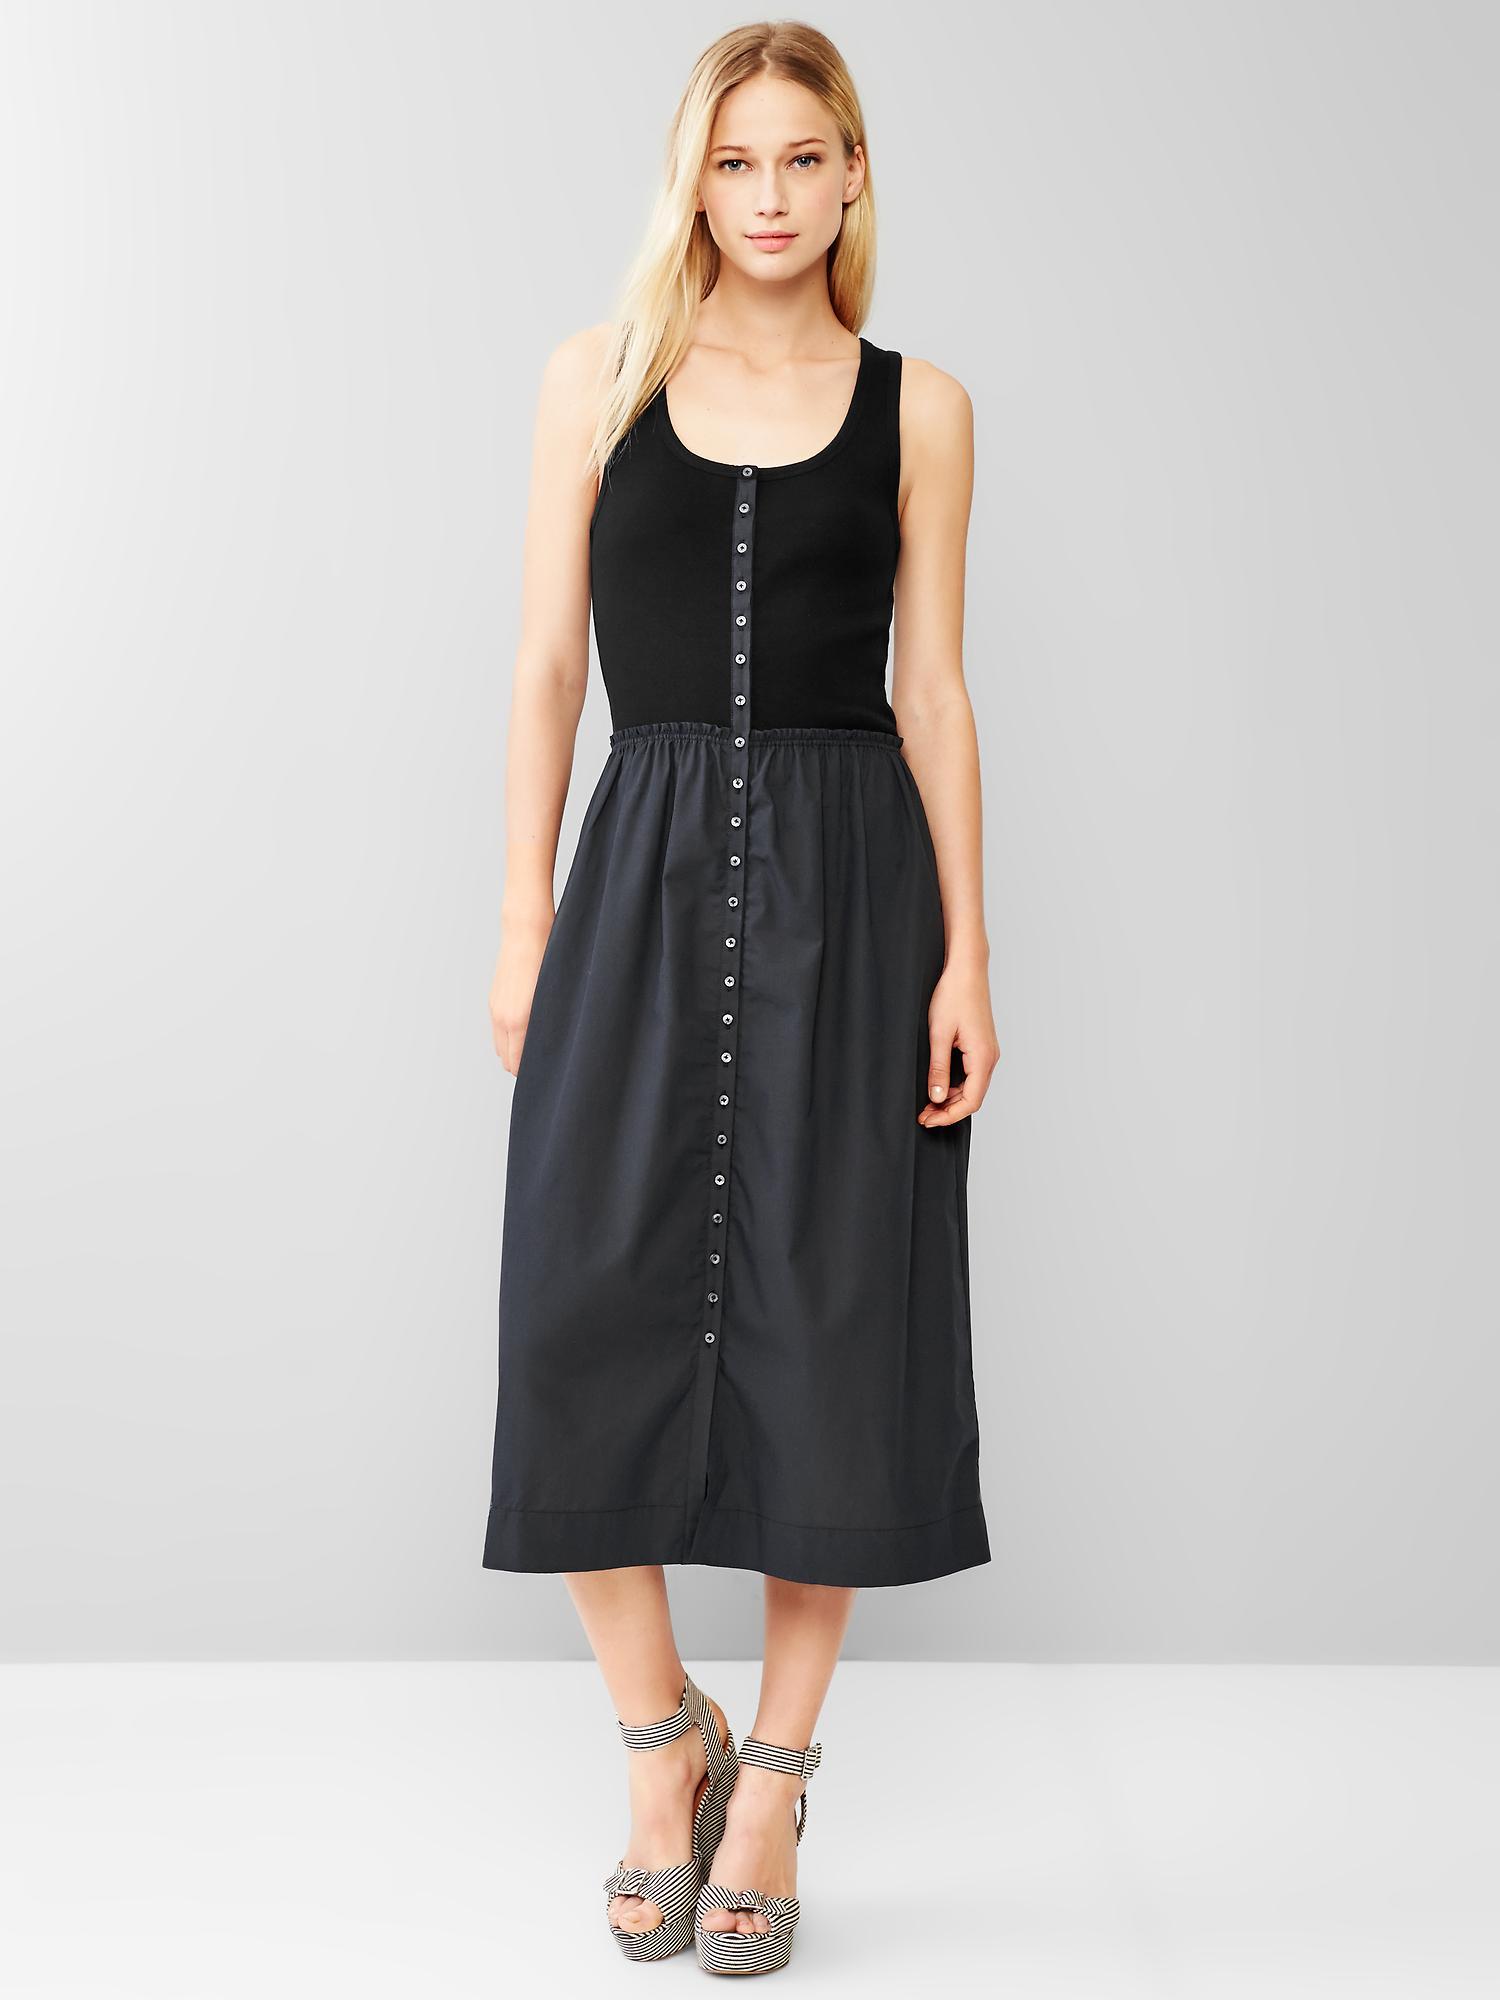 Gap Mix Media Tank Dress In Black True Black Knit Lyst